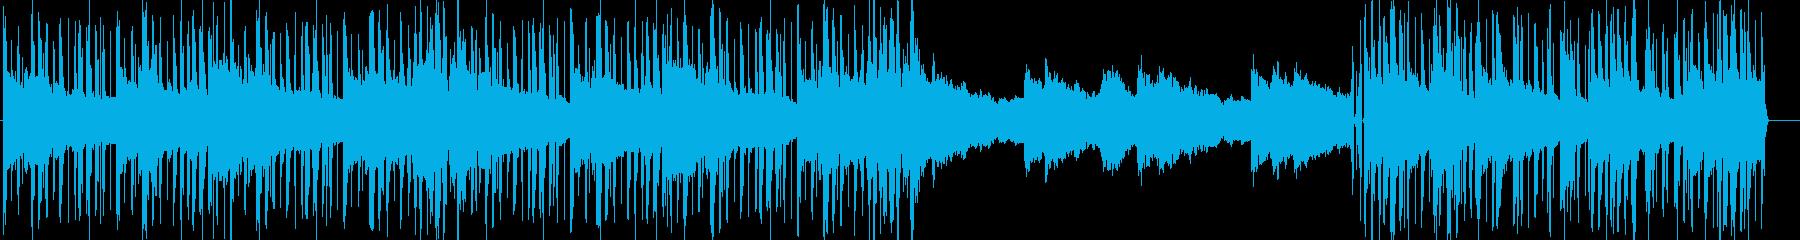 雰囲気のあるLo-fi HipHopの再生済みの波形